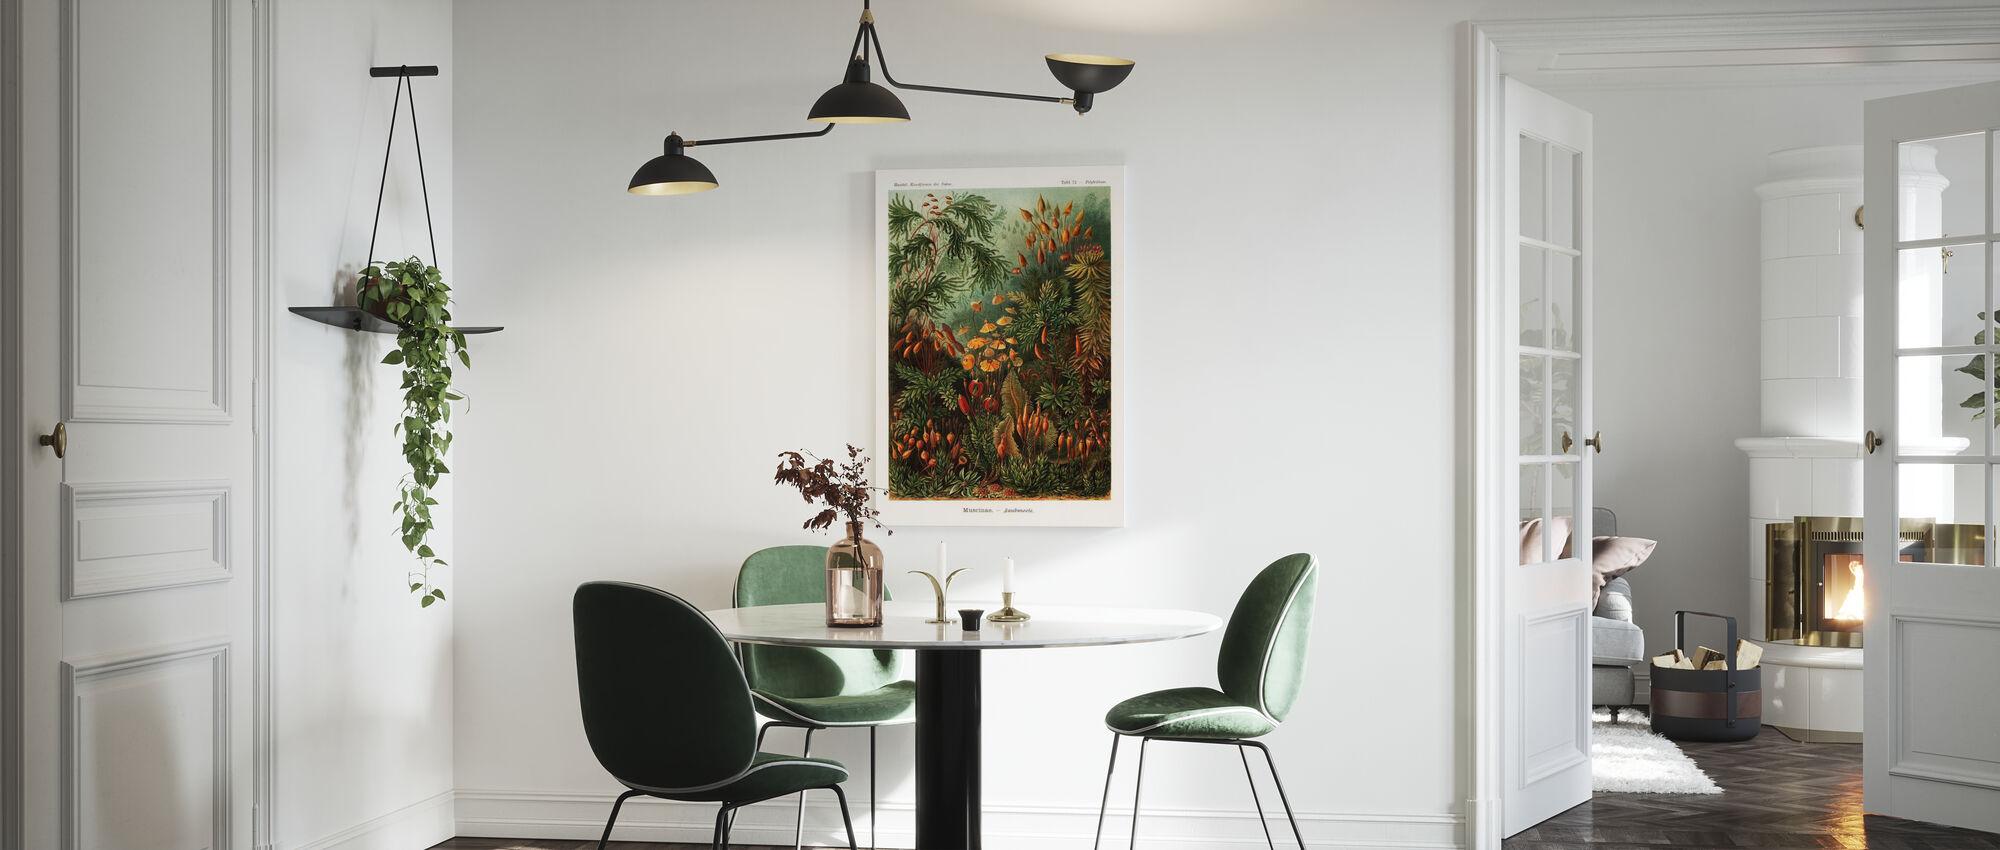 Muscinae Moss Art Forms - Ernst Haeckel - Canvas print - Kitchen